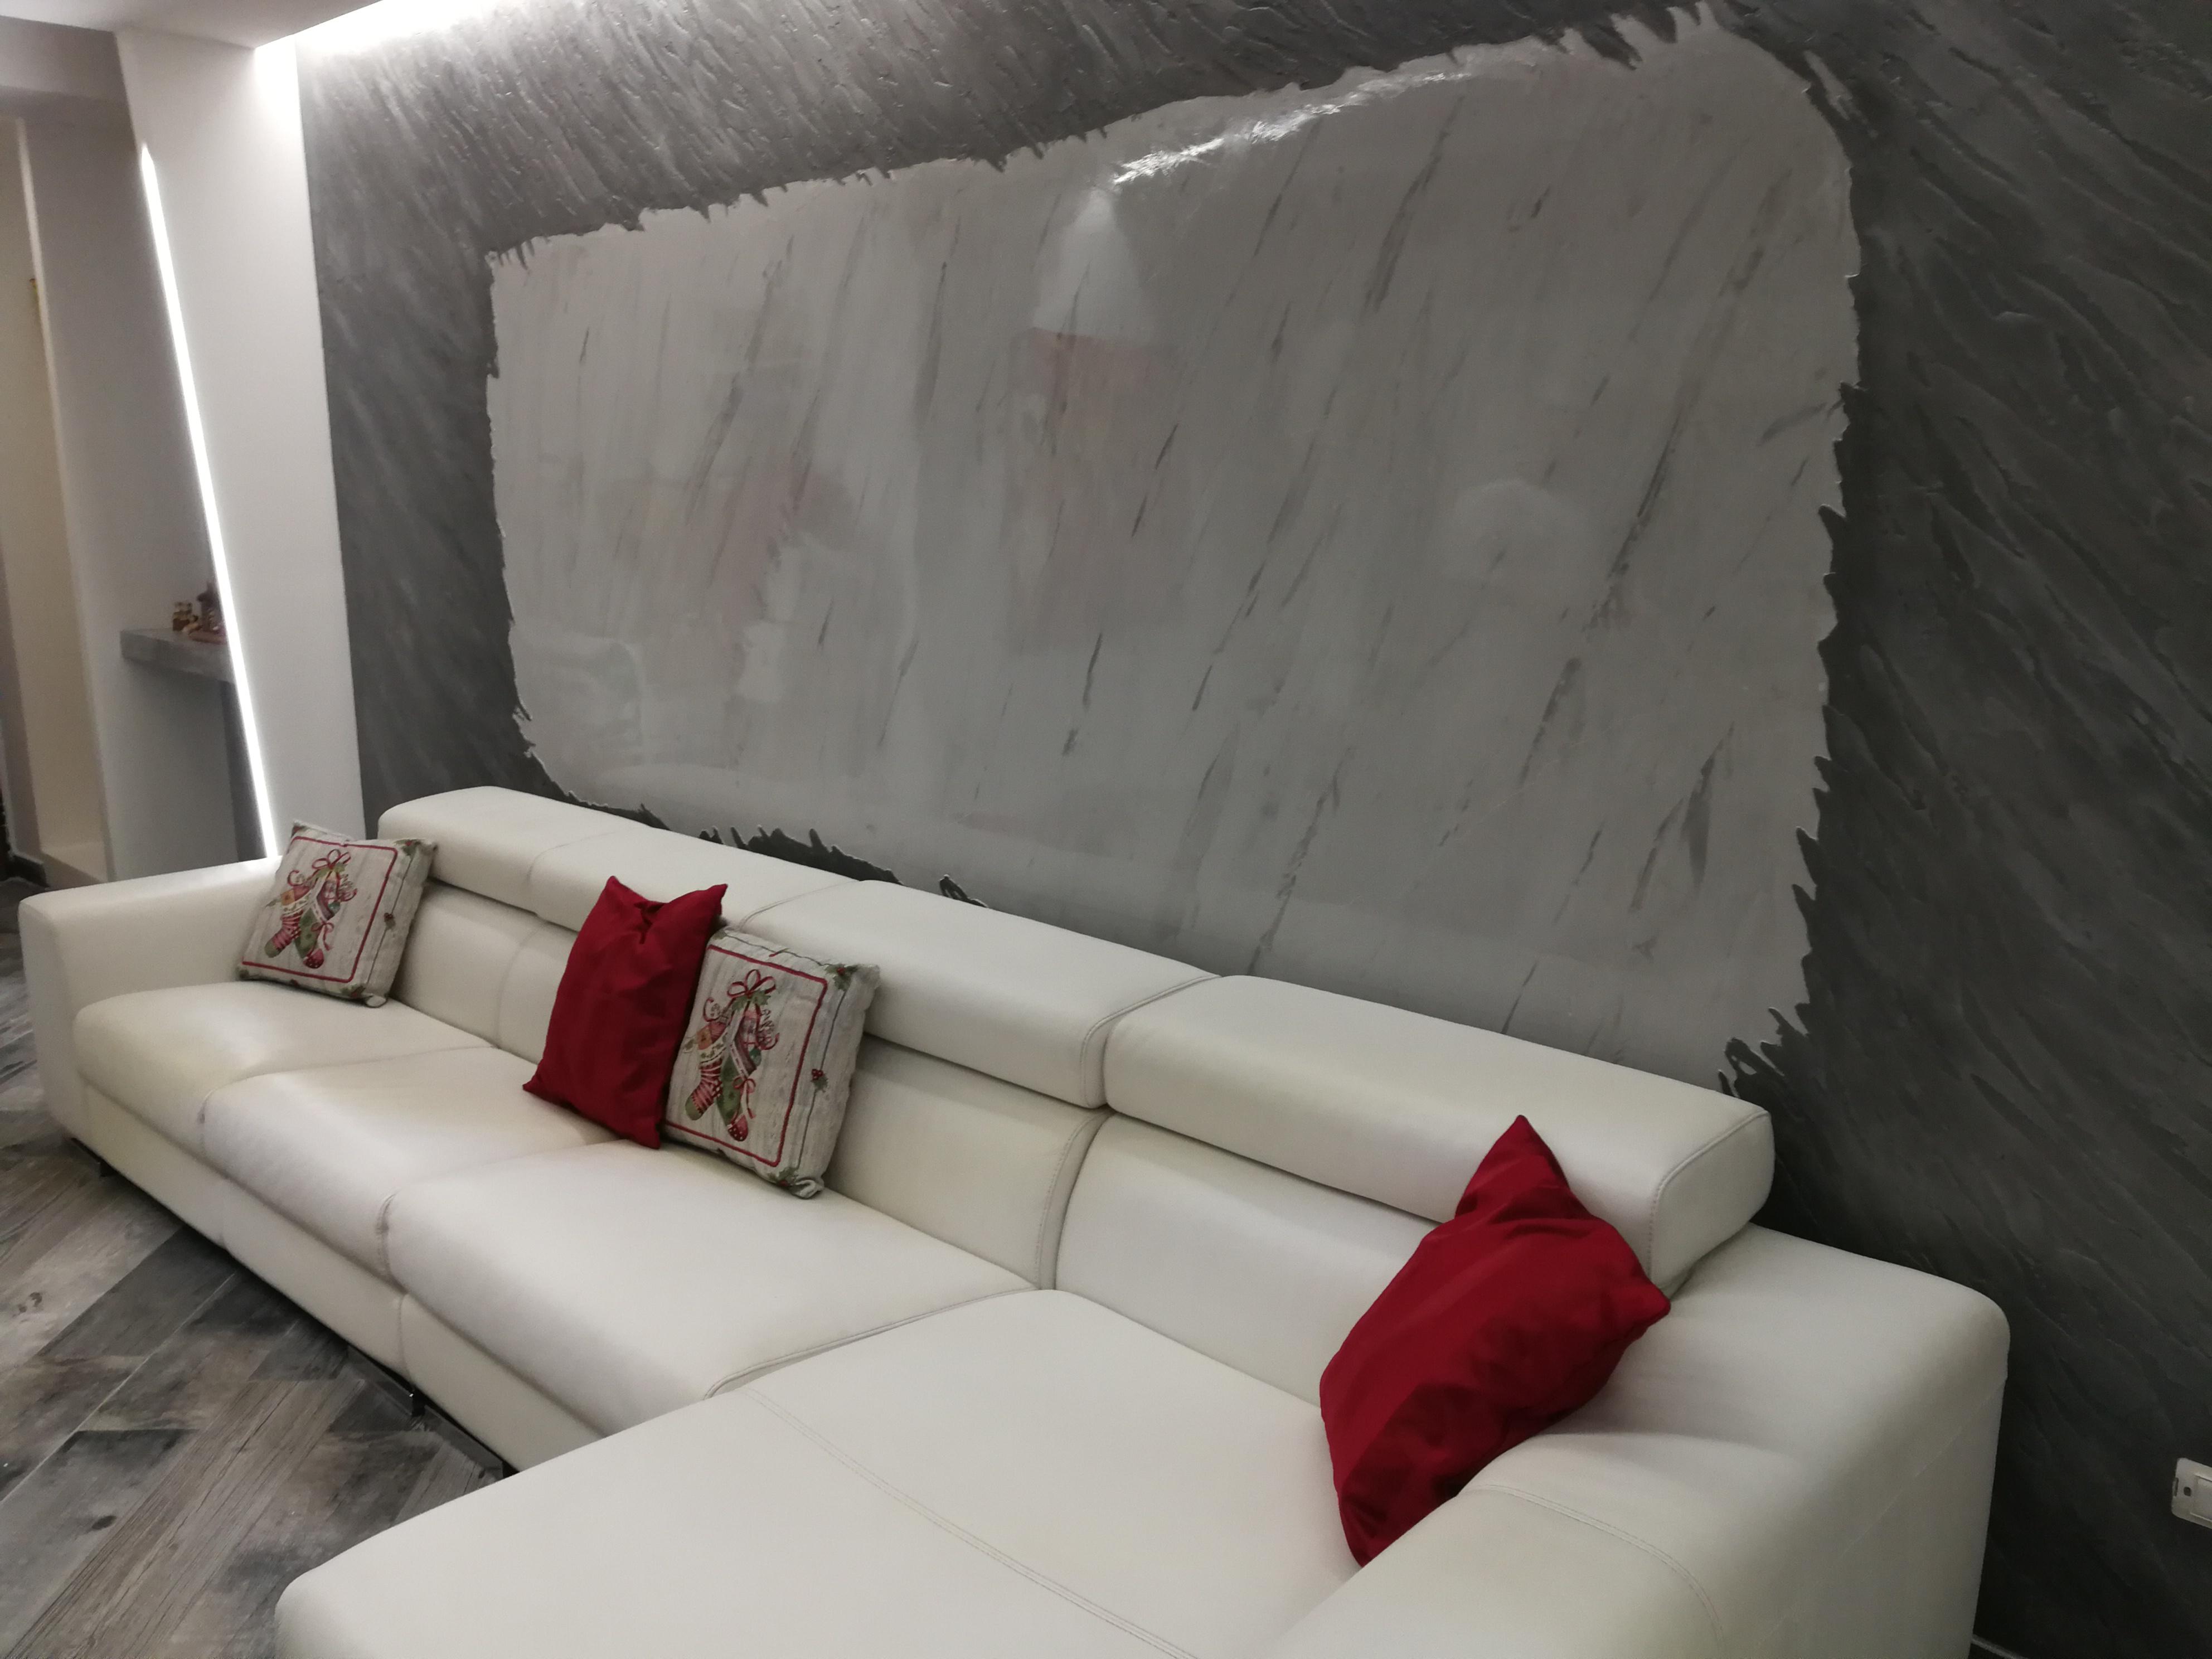 Plasmatore Italiano Antonio Saccoia creazione wall decor